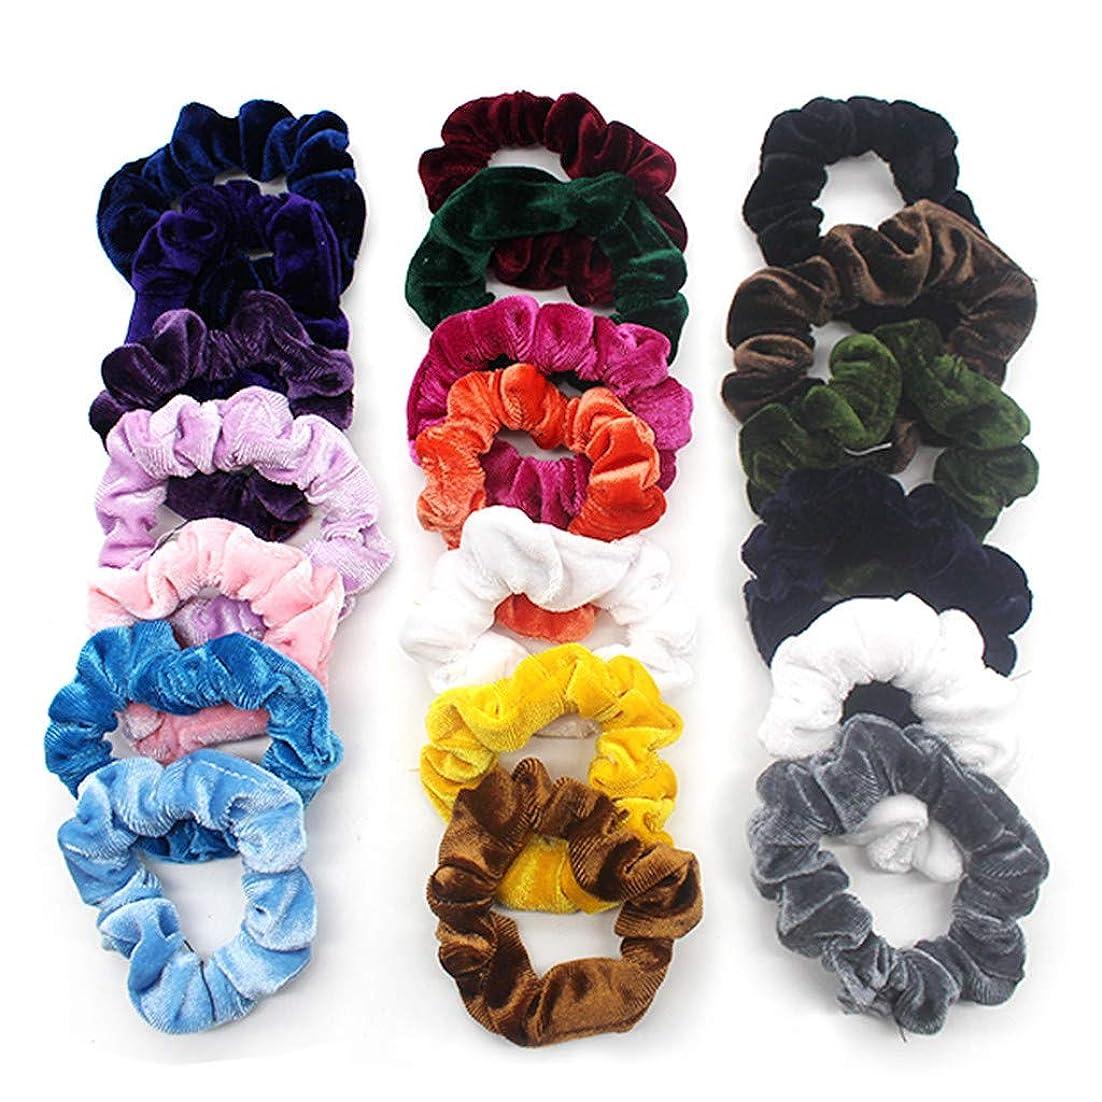 強盗接ぎ木地理20個ベルベットヘアライン 弾性ヘアバンド ソフトヘアケア 明るい色 複数の色 収納袋付き (多色)